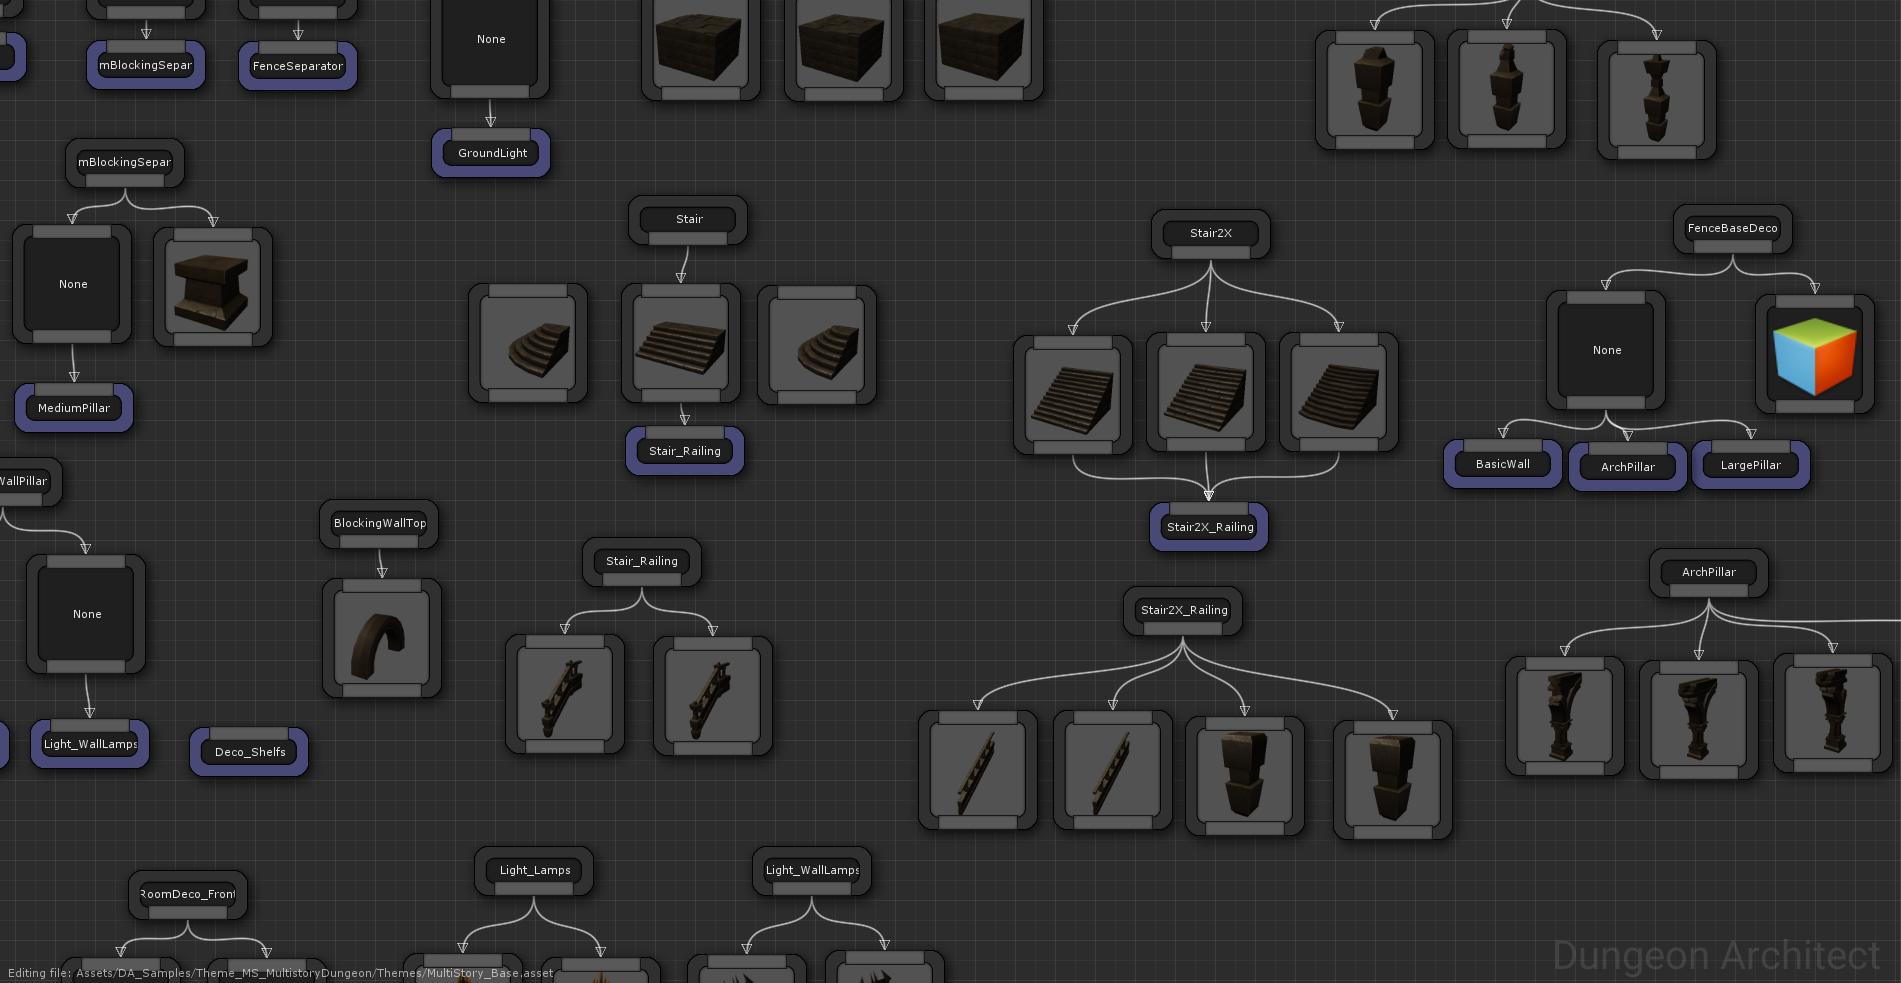 Dungeon Architect Quick Start Demos